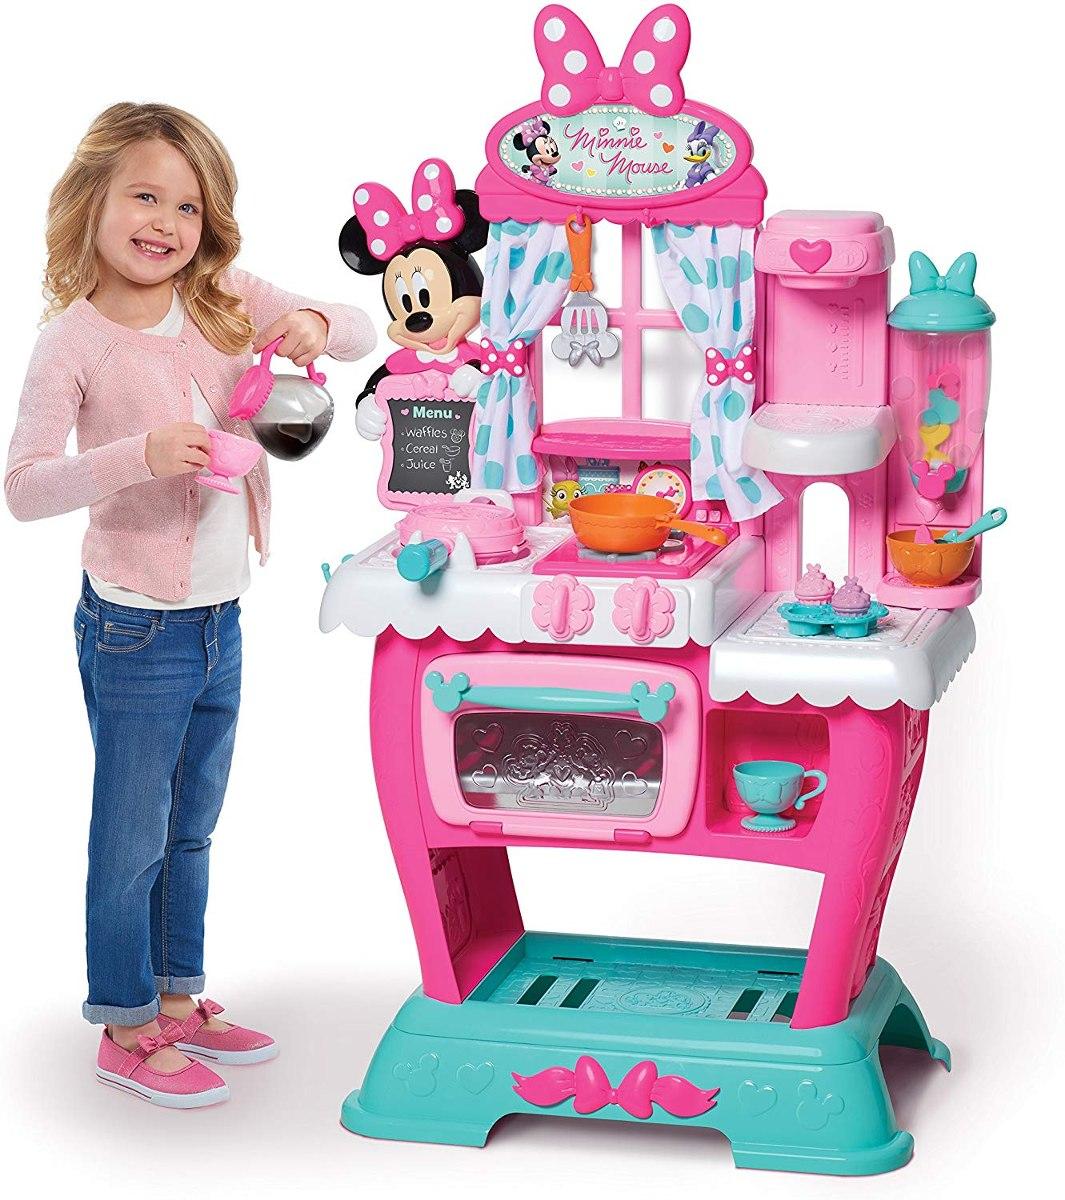 Cocina De Juguete Cafeteria Brunch Minnie Mouse 4 999 00 En